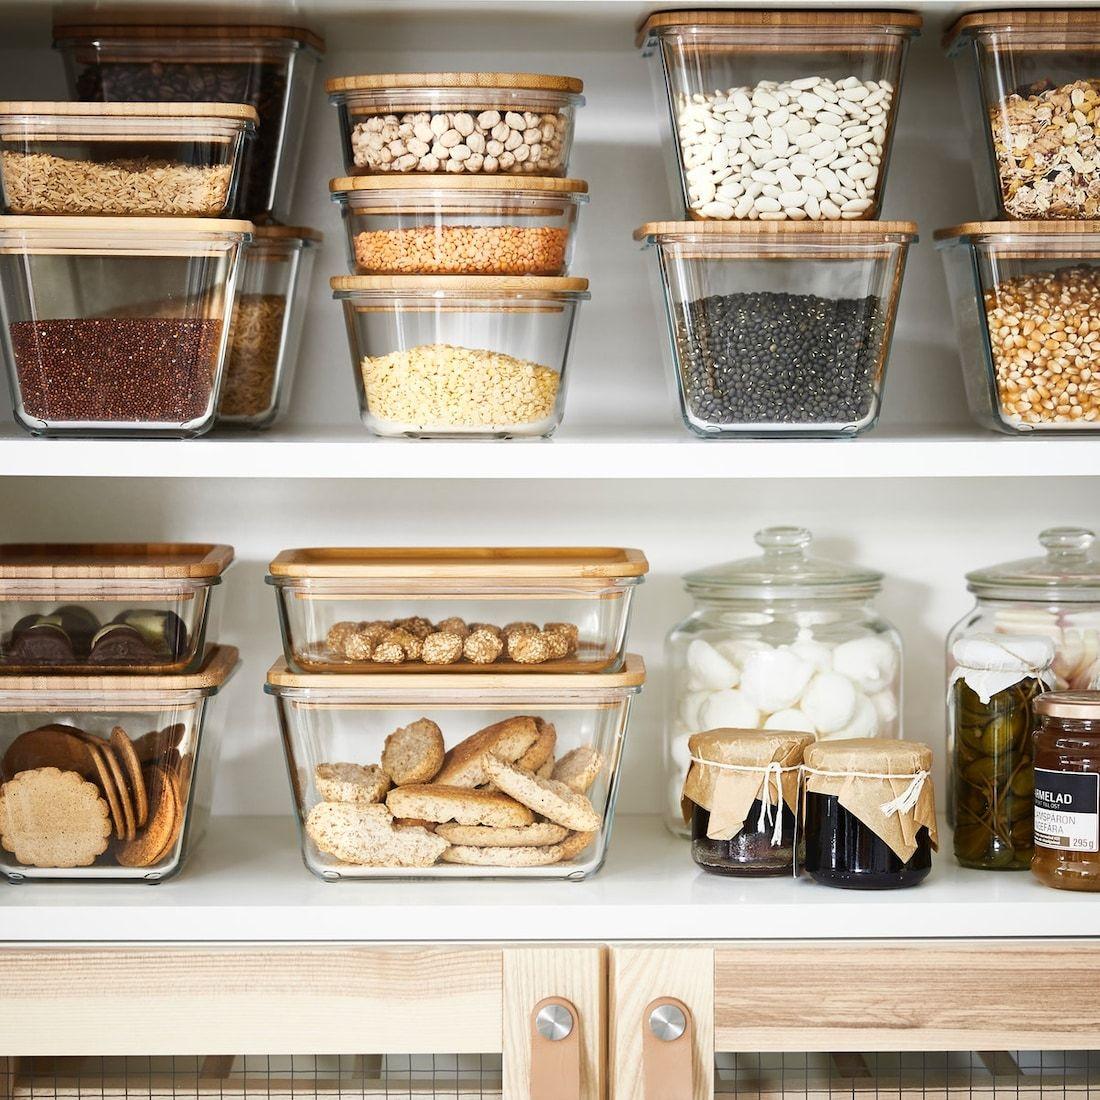 50+ Comment ranger sa cuisine en image ideas